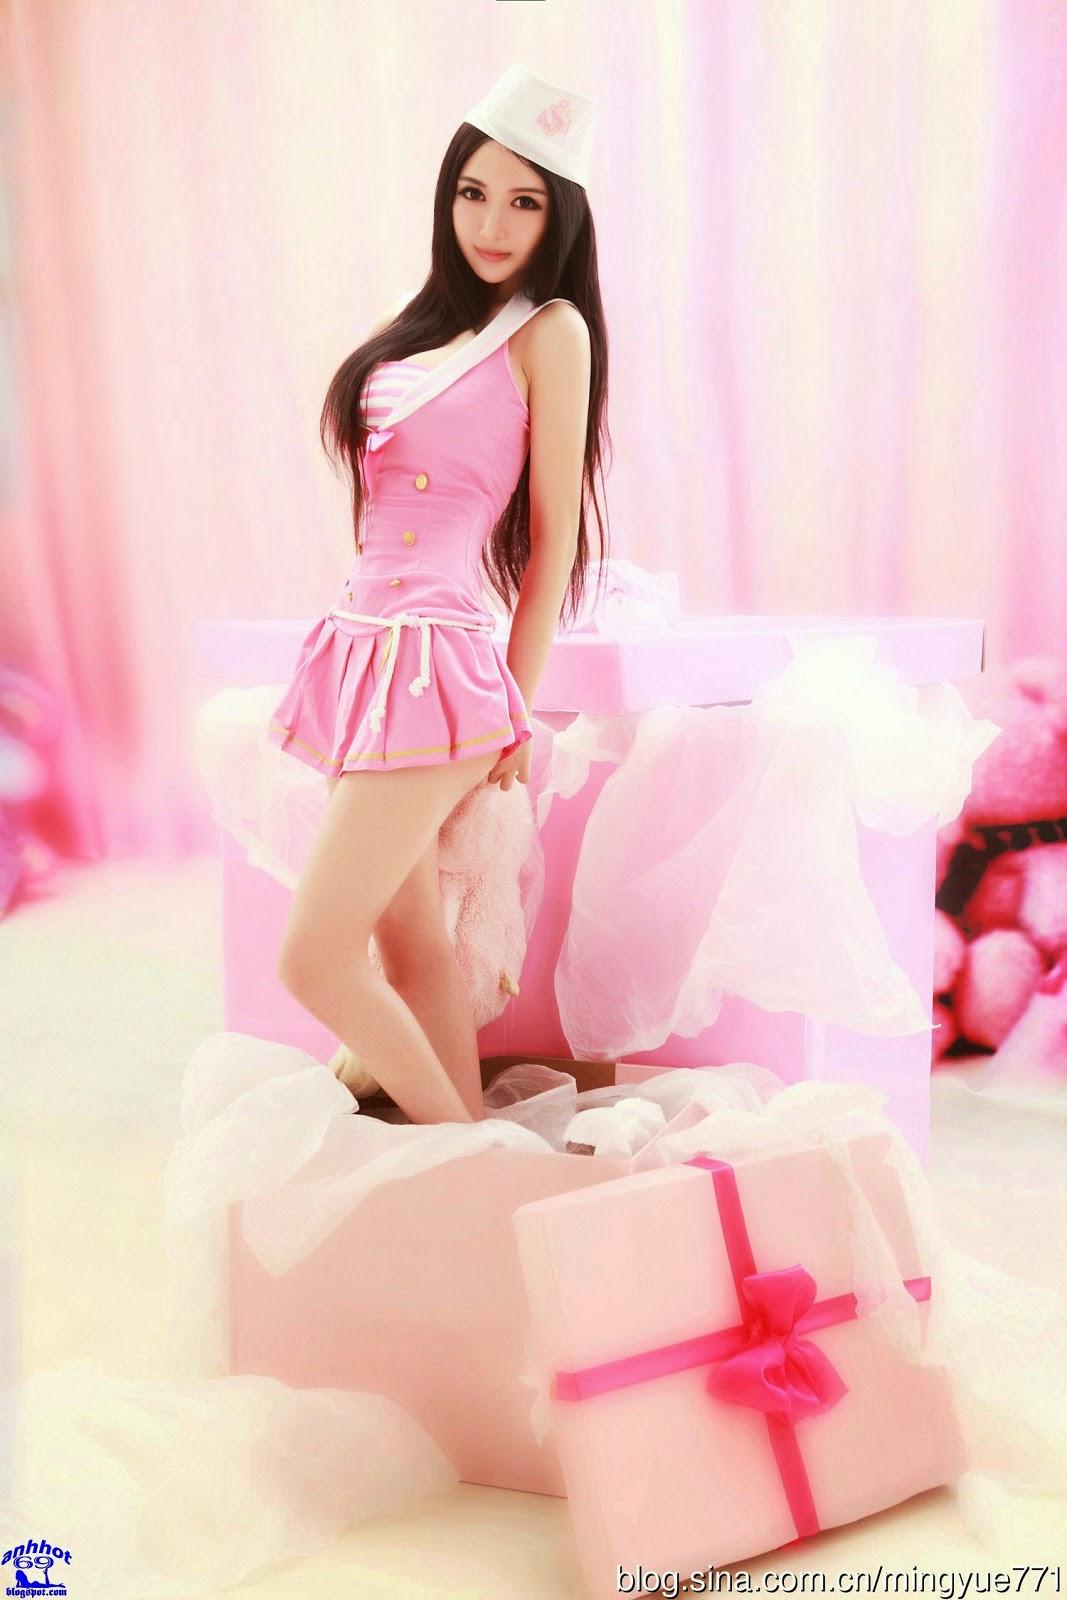 Zhang Wan You_19100197